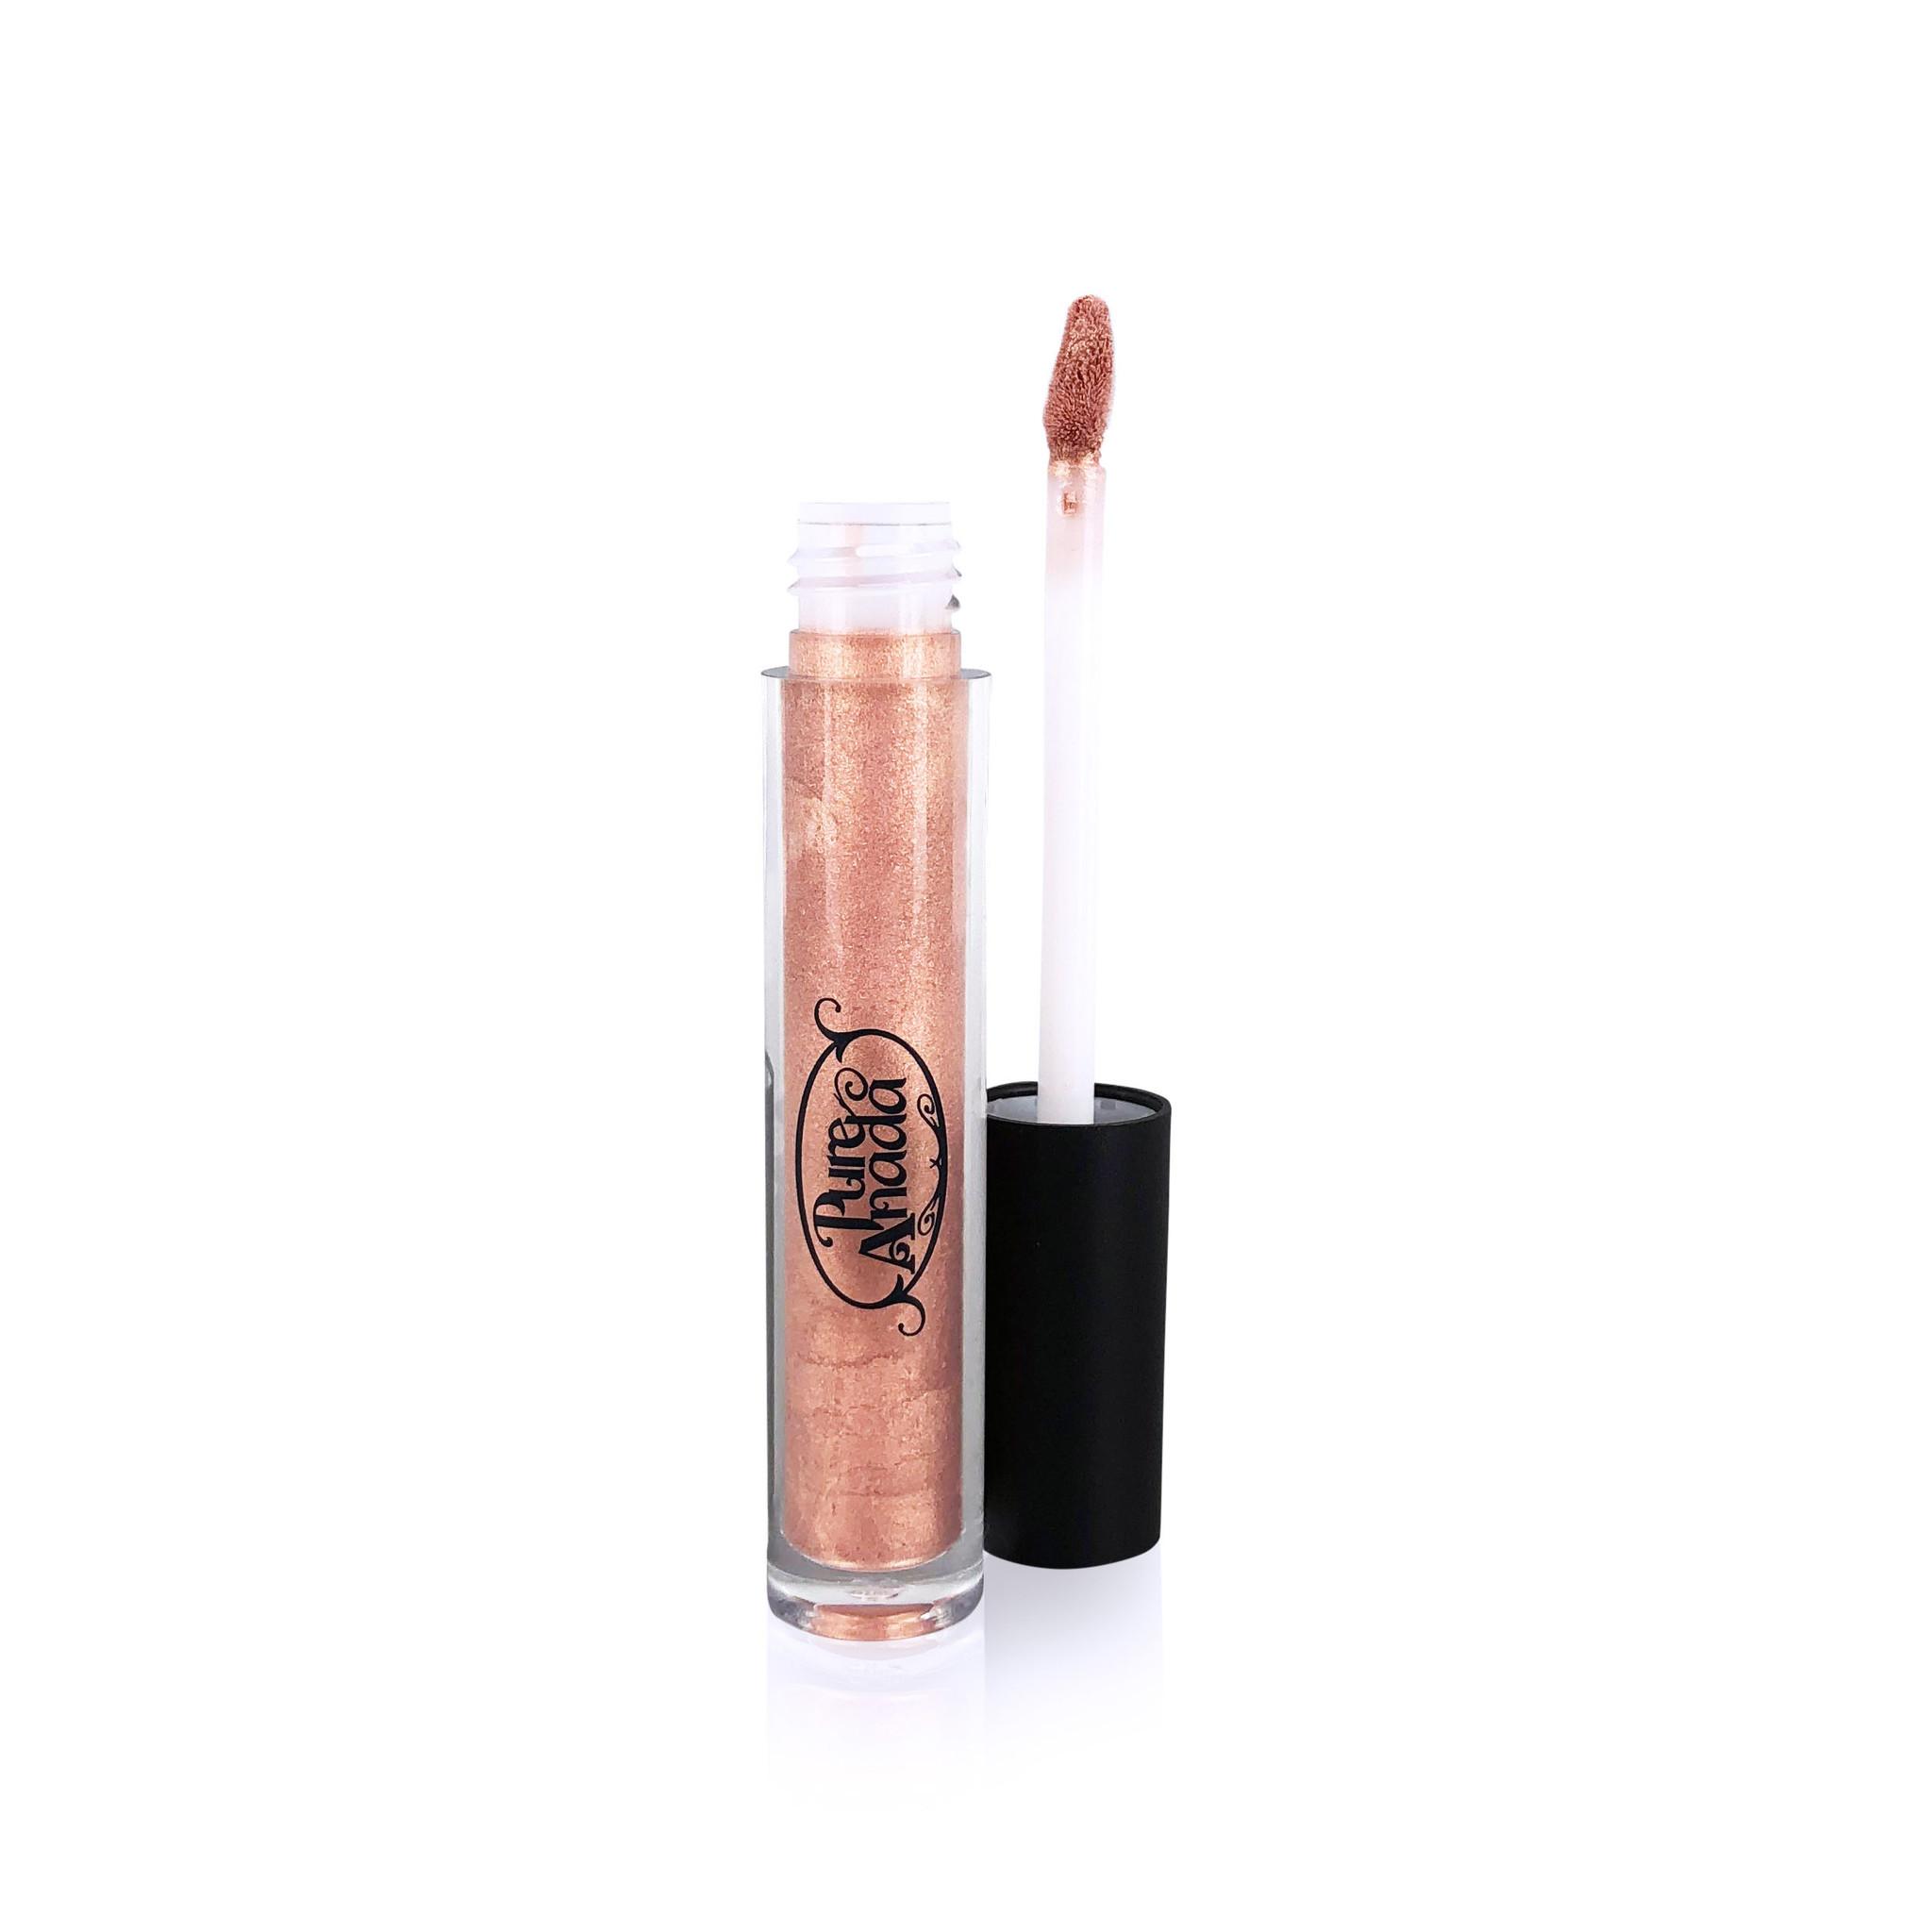 Glisten Mineral Lip Gloss - Morganite-2